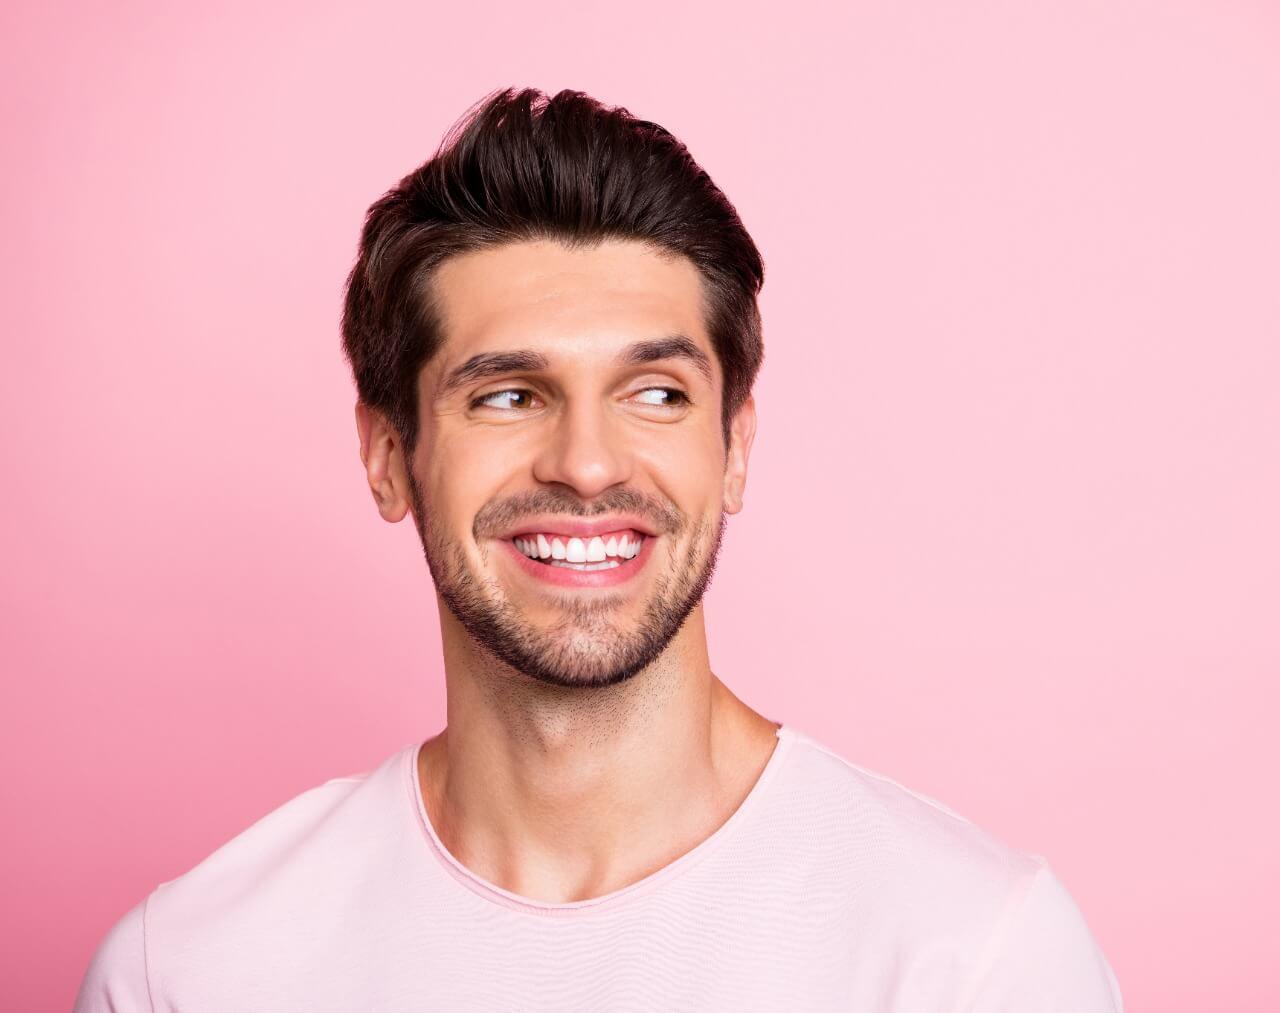 DHI Hair transplant for Men